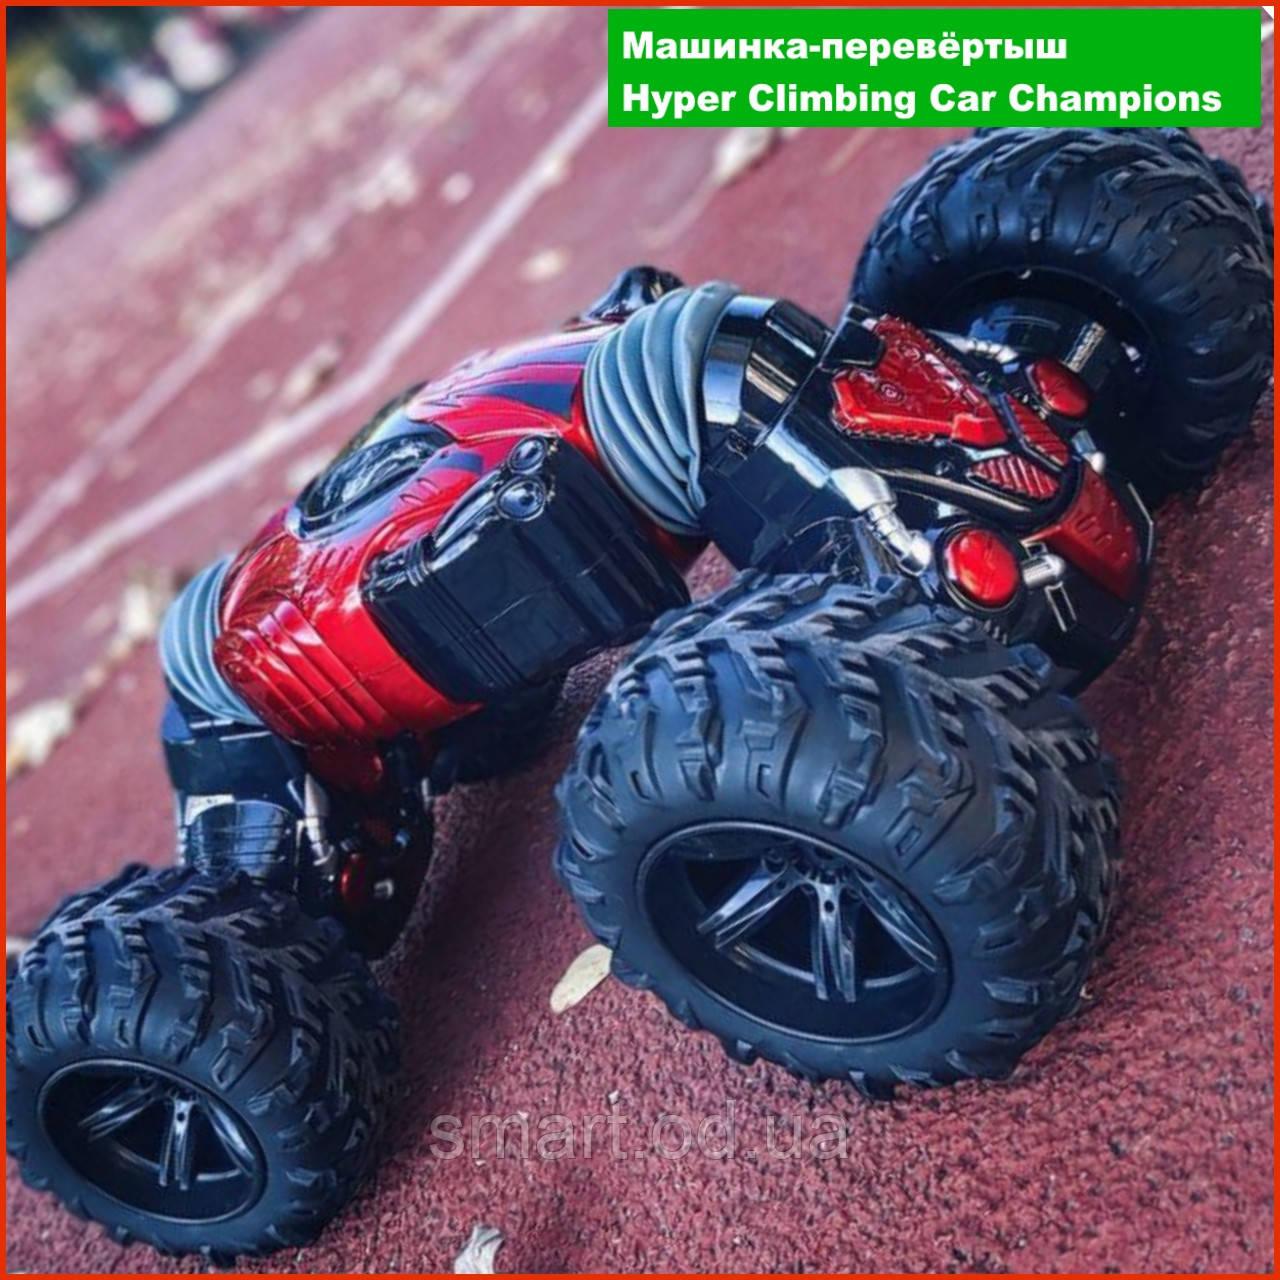 Машинка перевёртыш вездеход трансформер на радиоуправлении Hyper Climbing Car Champions для детей и взрослых